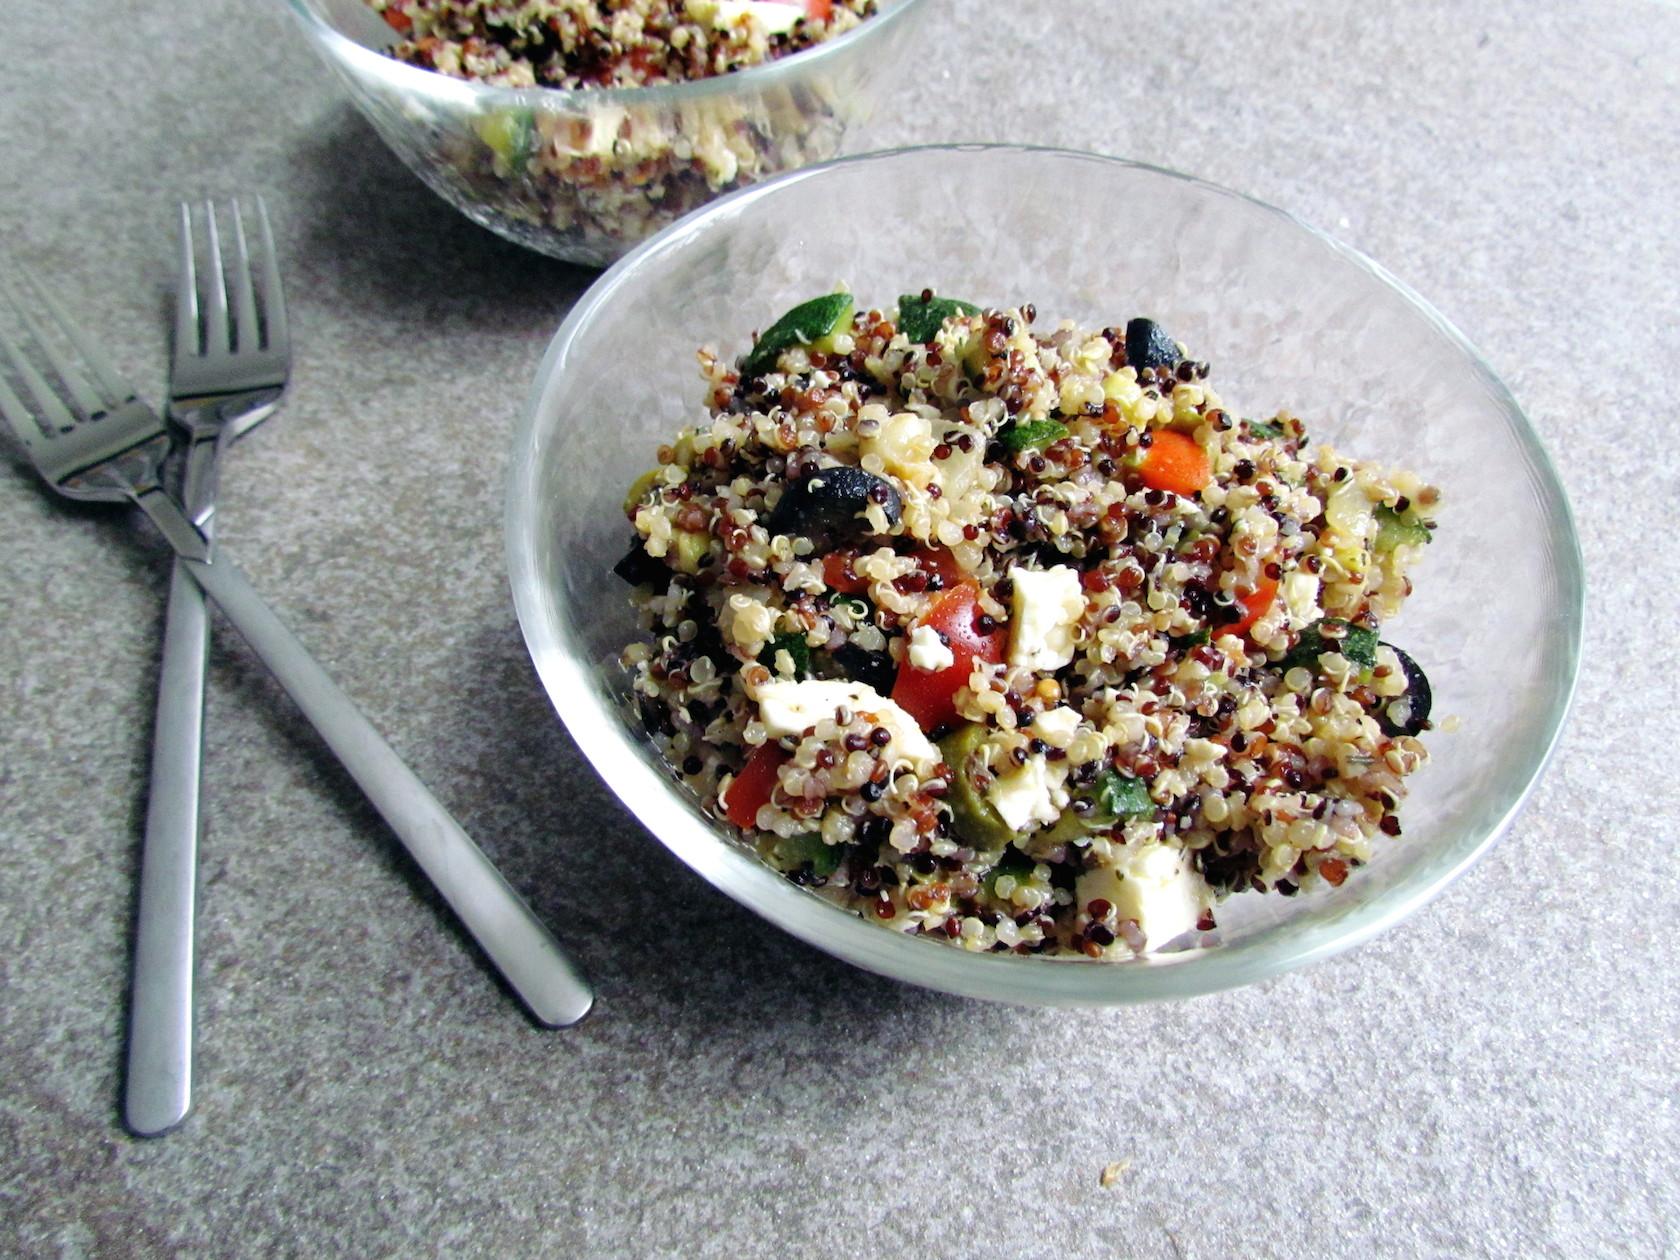 salade de quinoa méditerranéenne | www.savormania.com